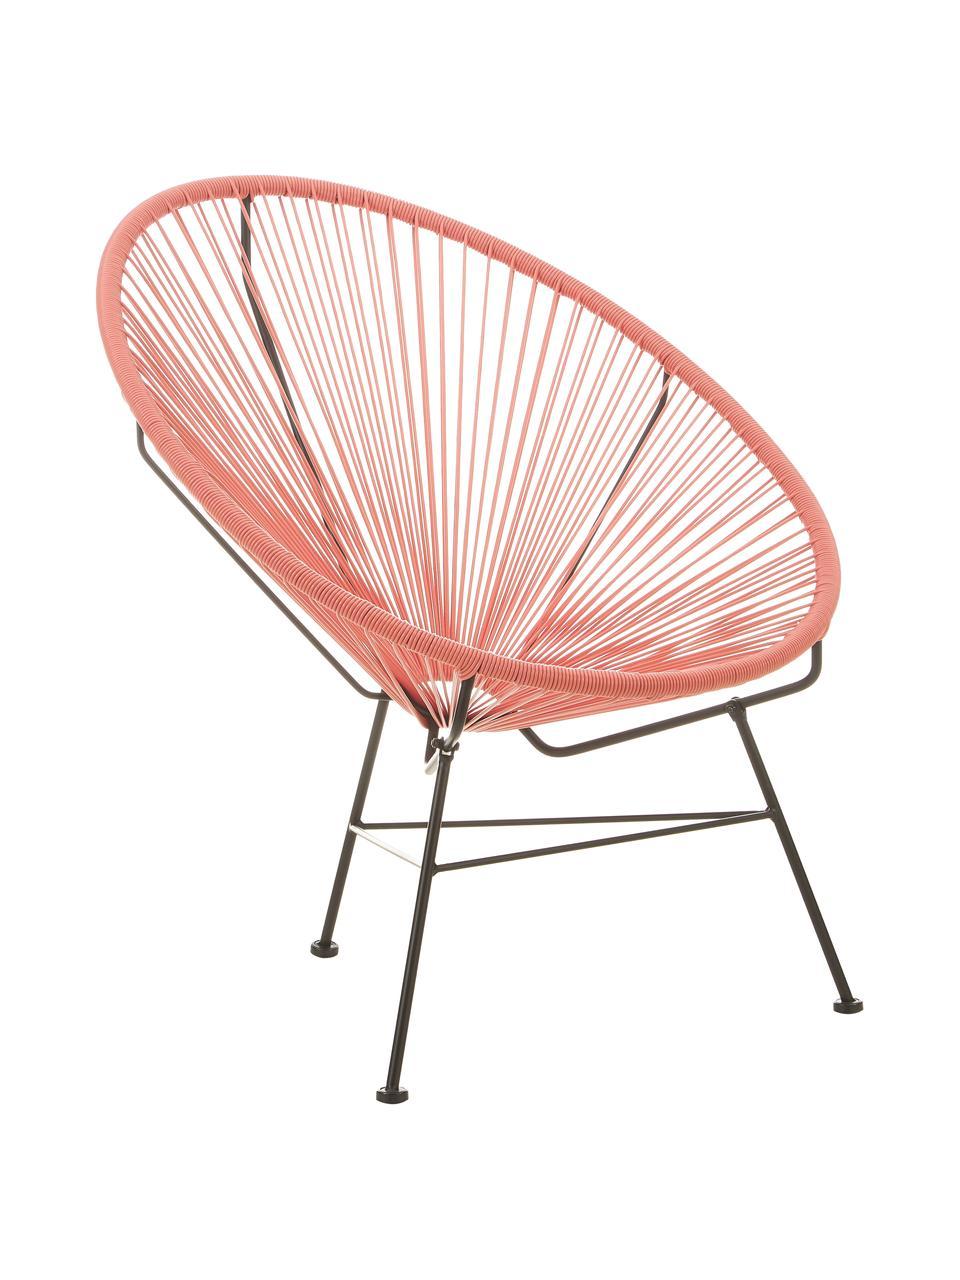 Sedia a poltrona intrecciata Bahia, Seduta: materiale sintetico, Struttura: metallo verniciato a polv, Arancione, Larg. 81 x Prof. 73 cm